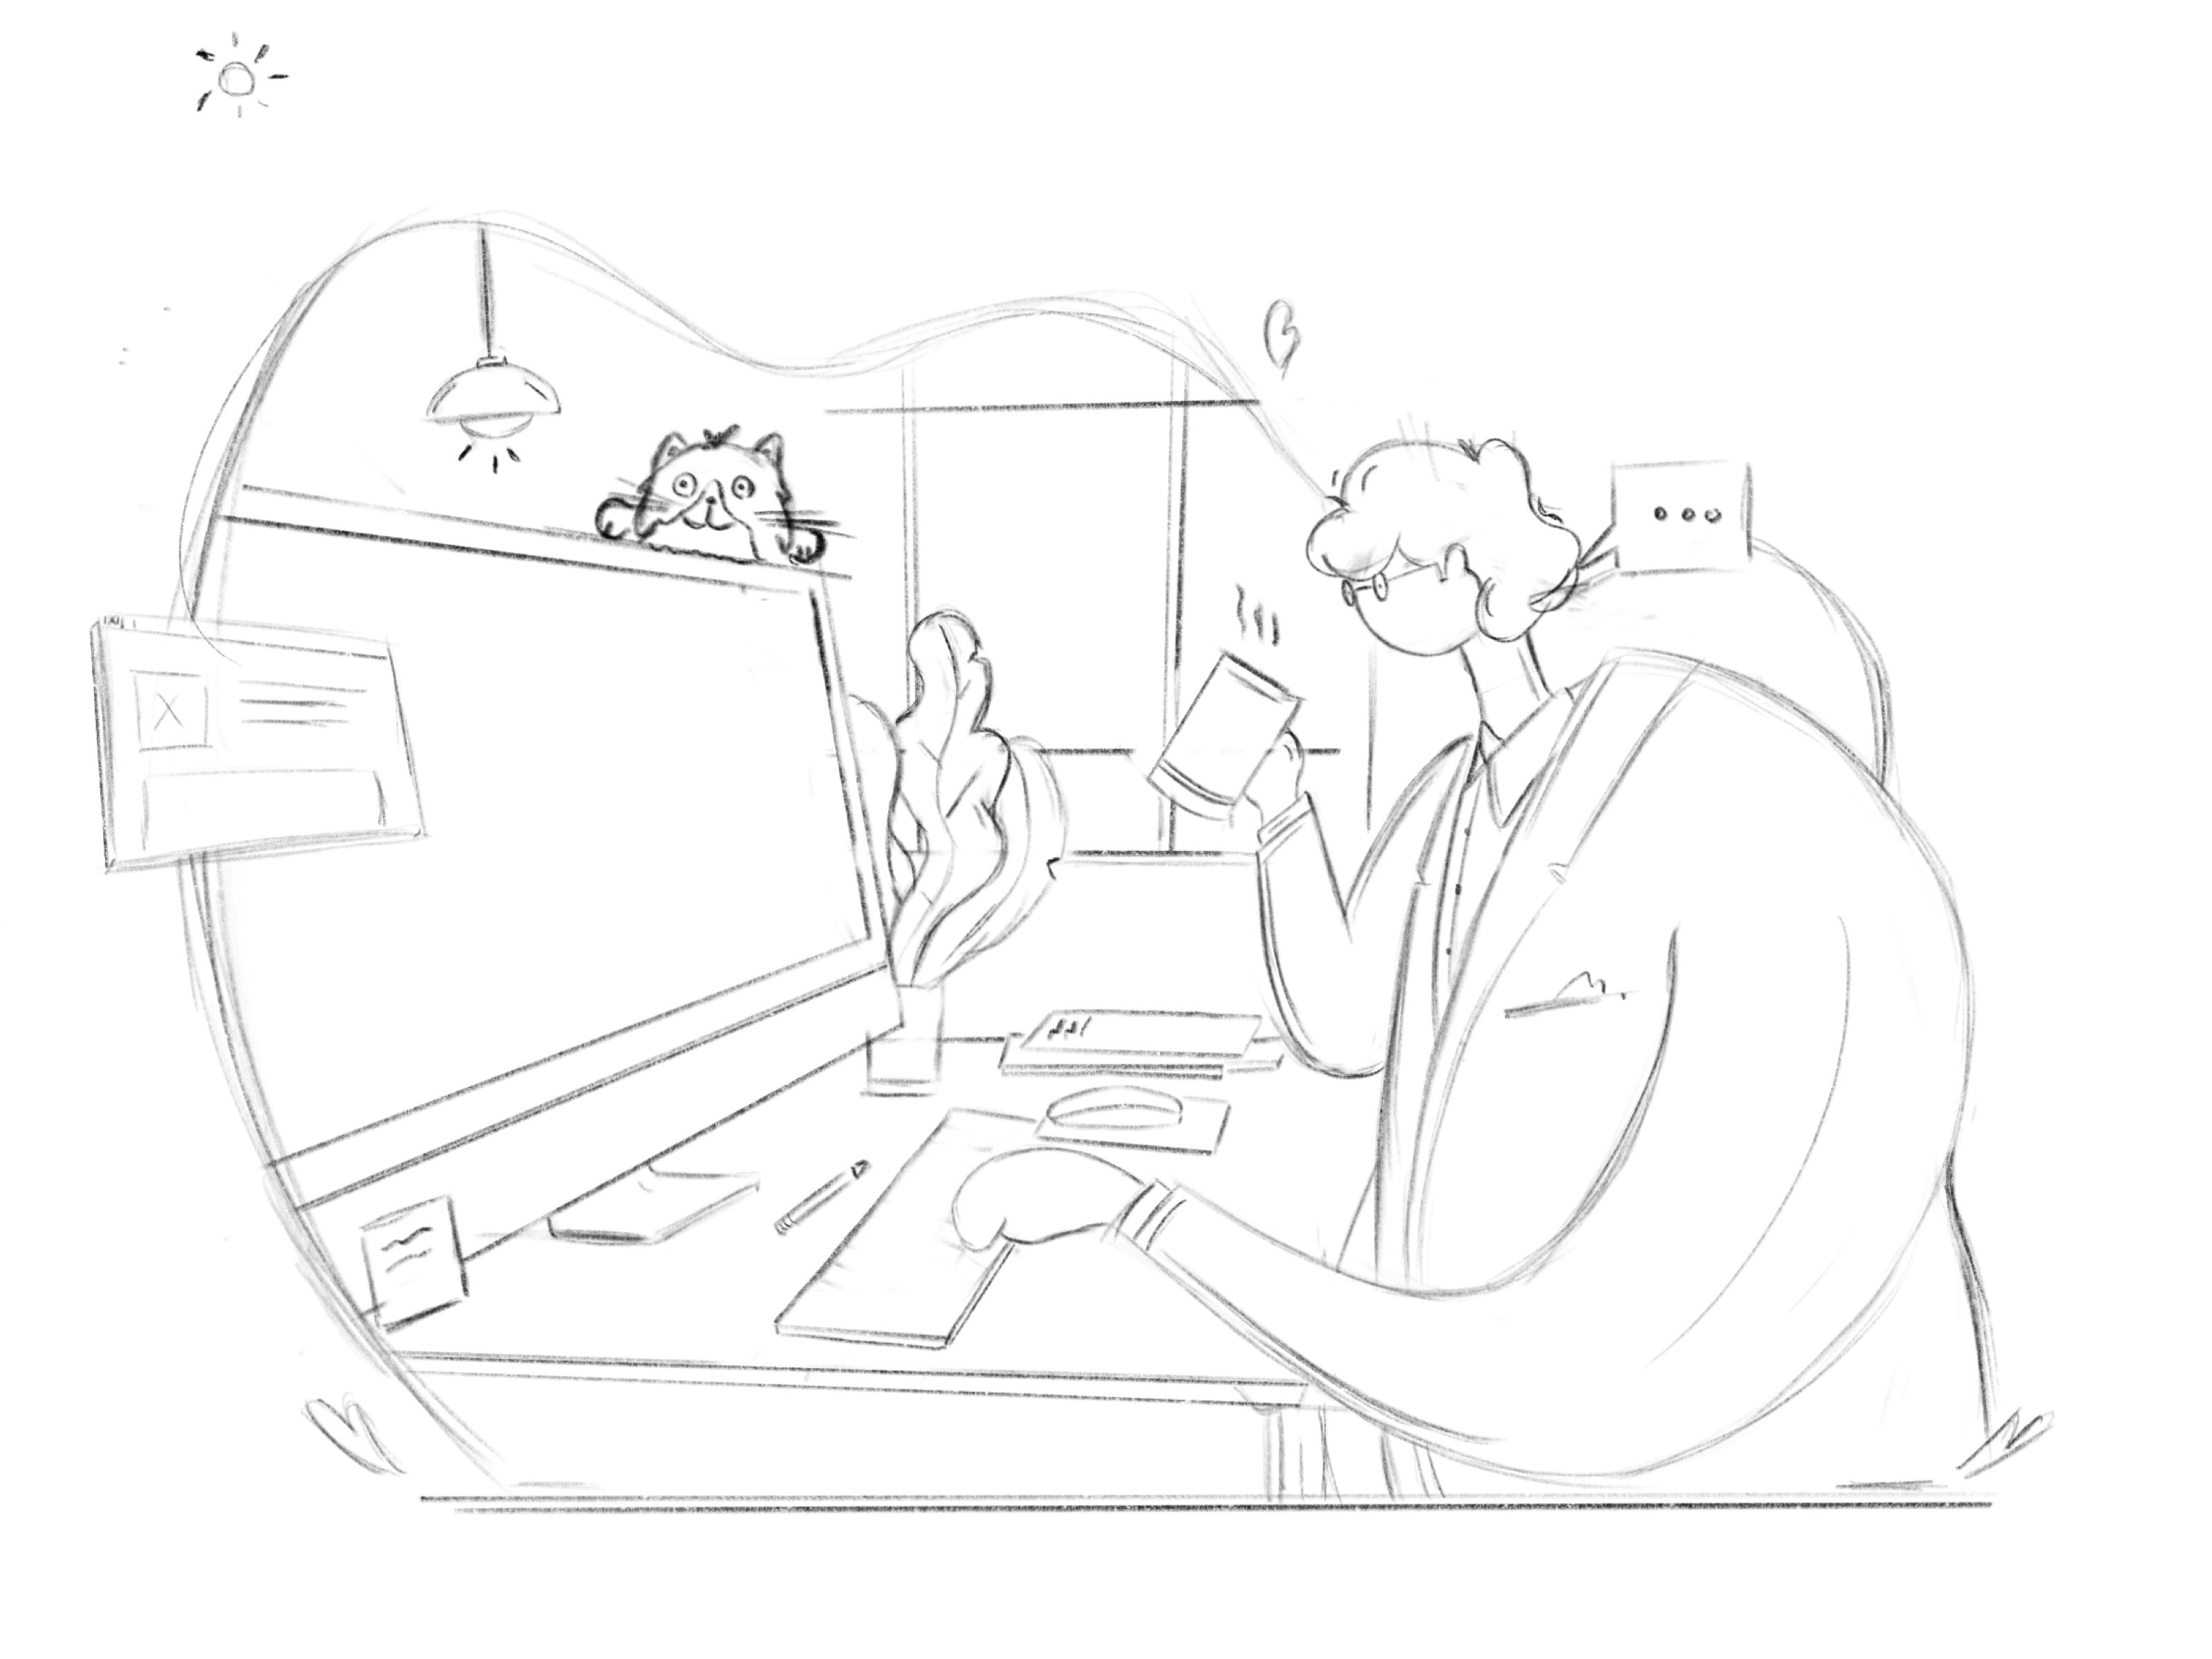 Working   sketch by tran mau tri tam